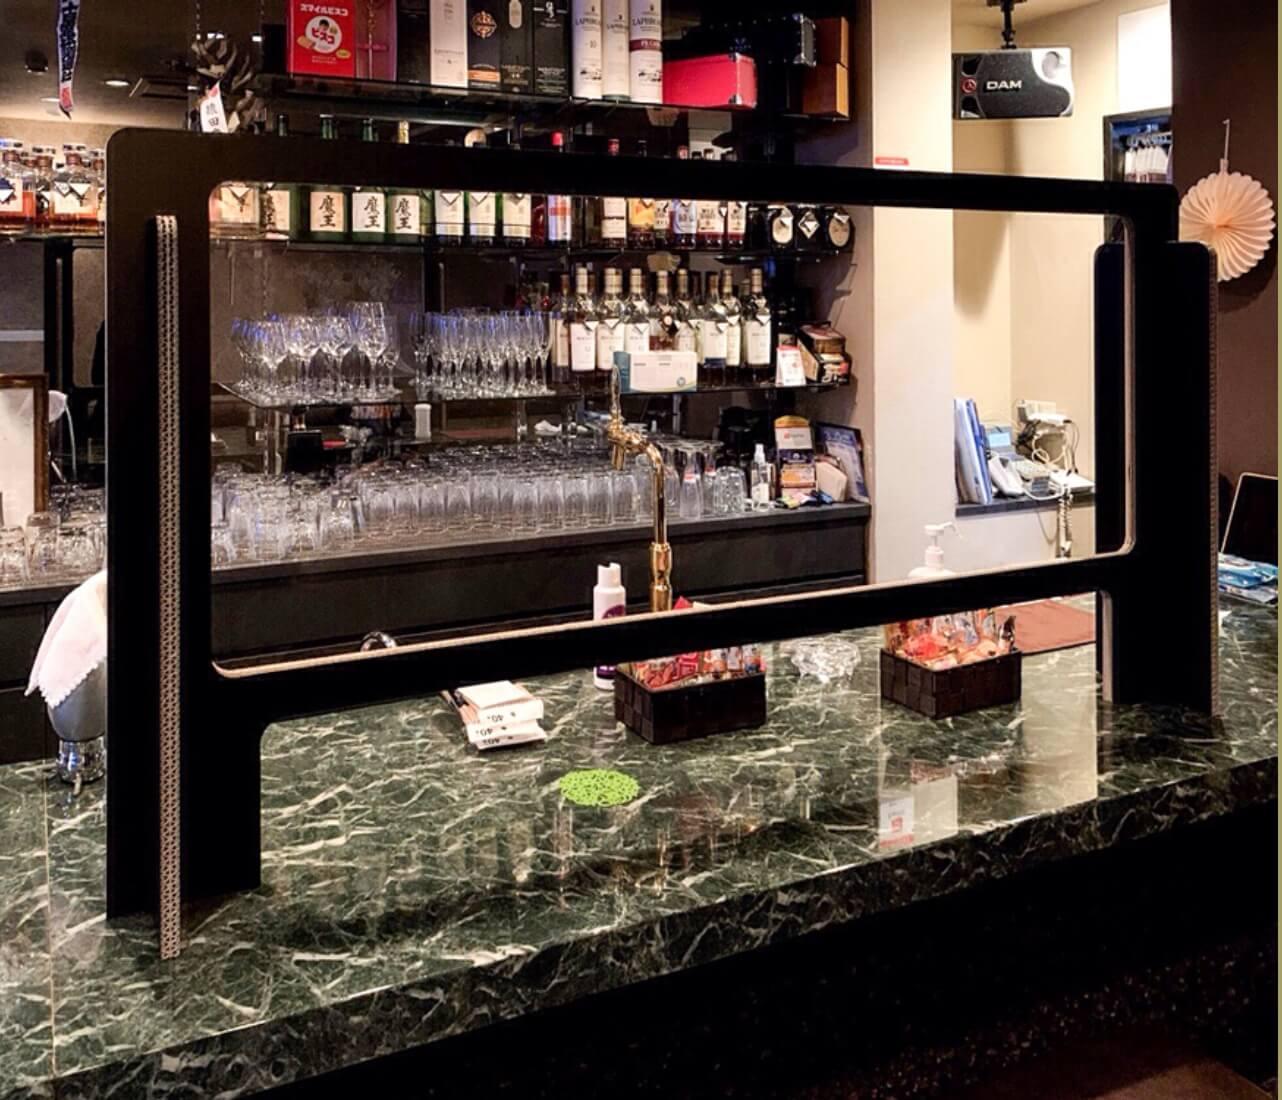 ラウンジ・バーなど、接客を伴う飲食店向けの防水仕様パーテーションです。